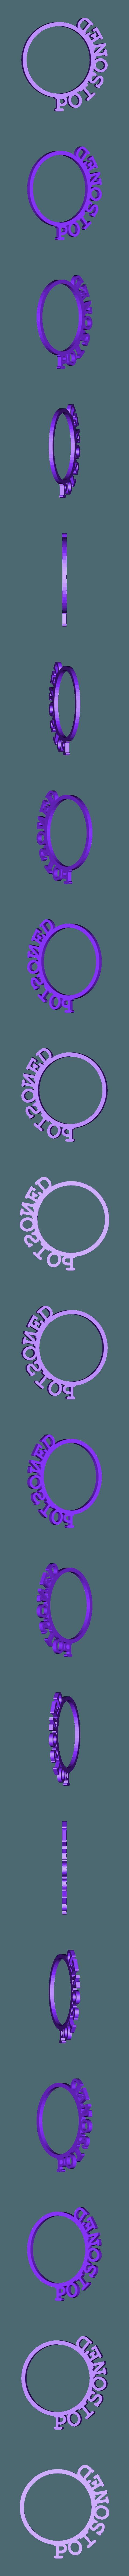 LRingPoisoned.stl Download STL file D&D Condition Rings • 3D printable design, Jinja